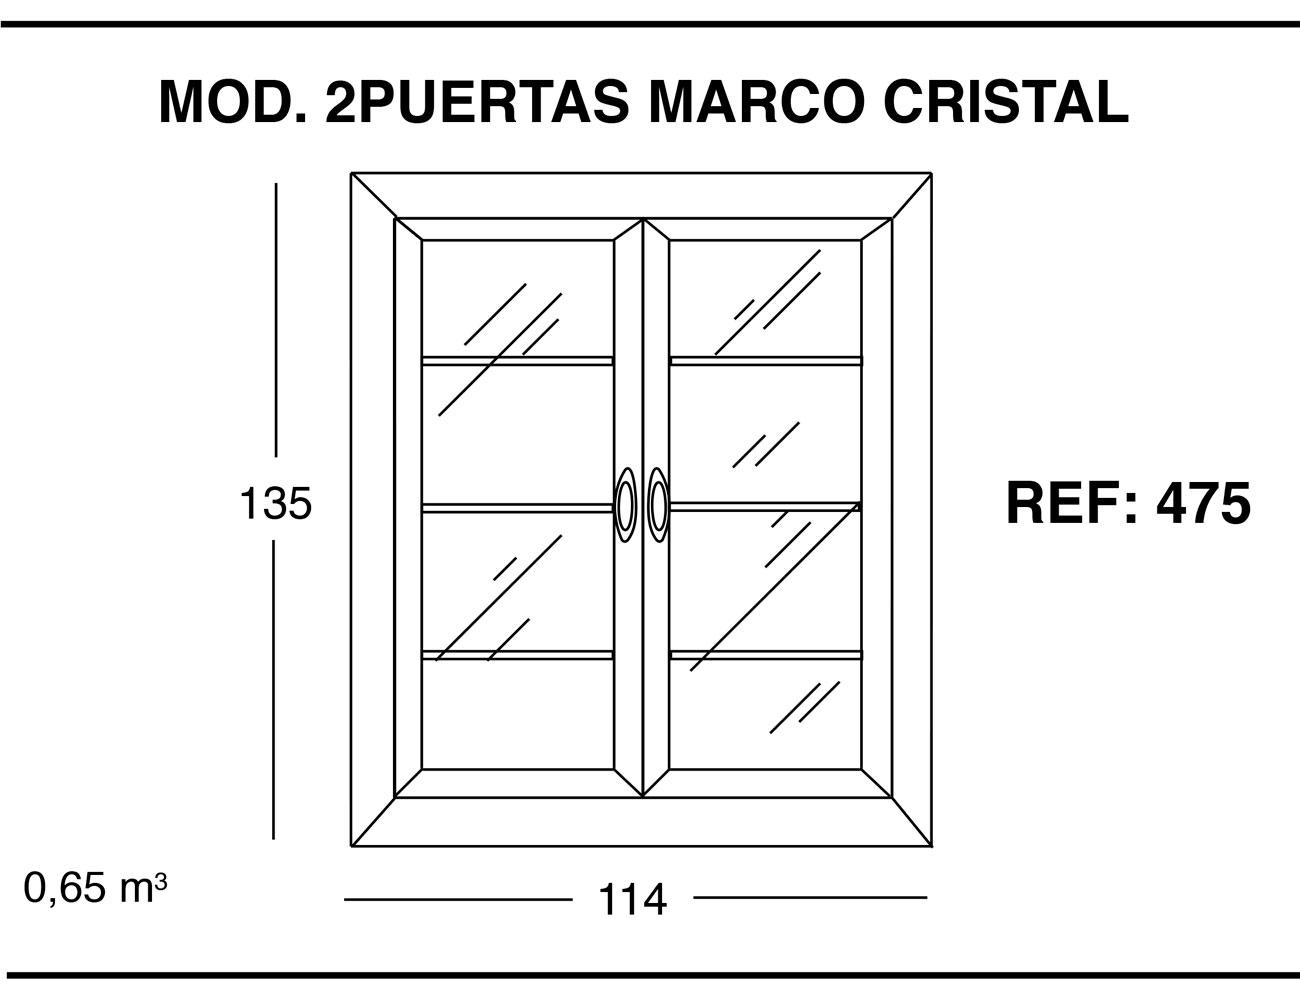 Modulo 2p marco cristal